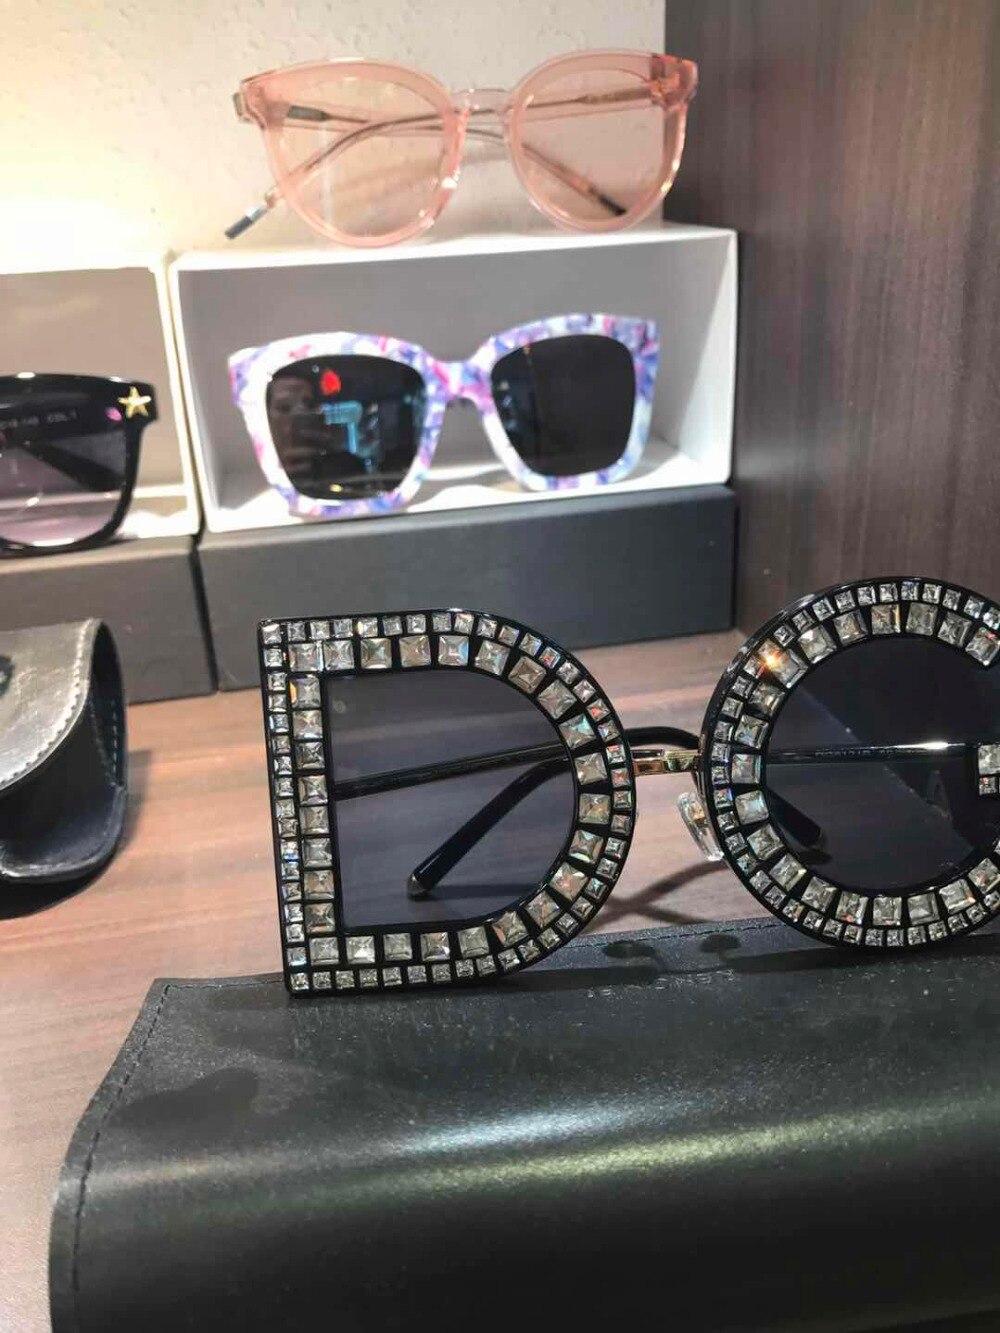 WD0640 2018 luxury Runway sunglasses women brand designer sun glasses for women Carter glasses